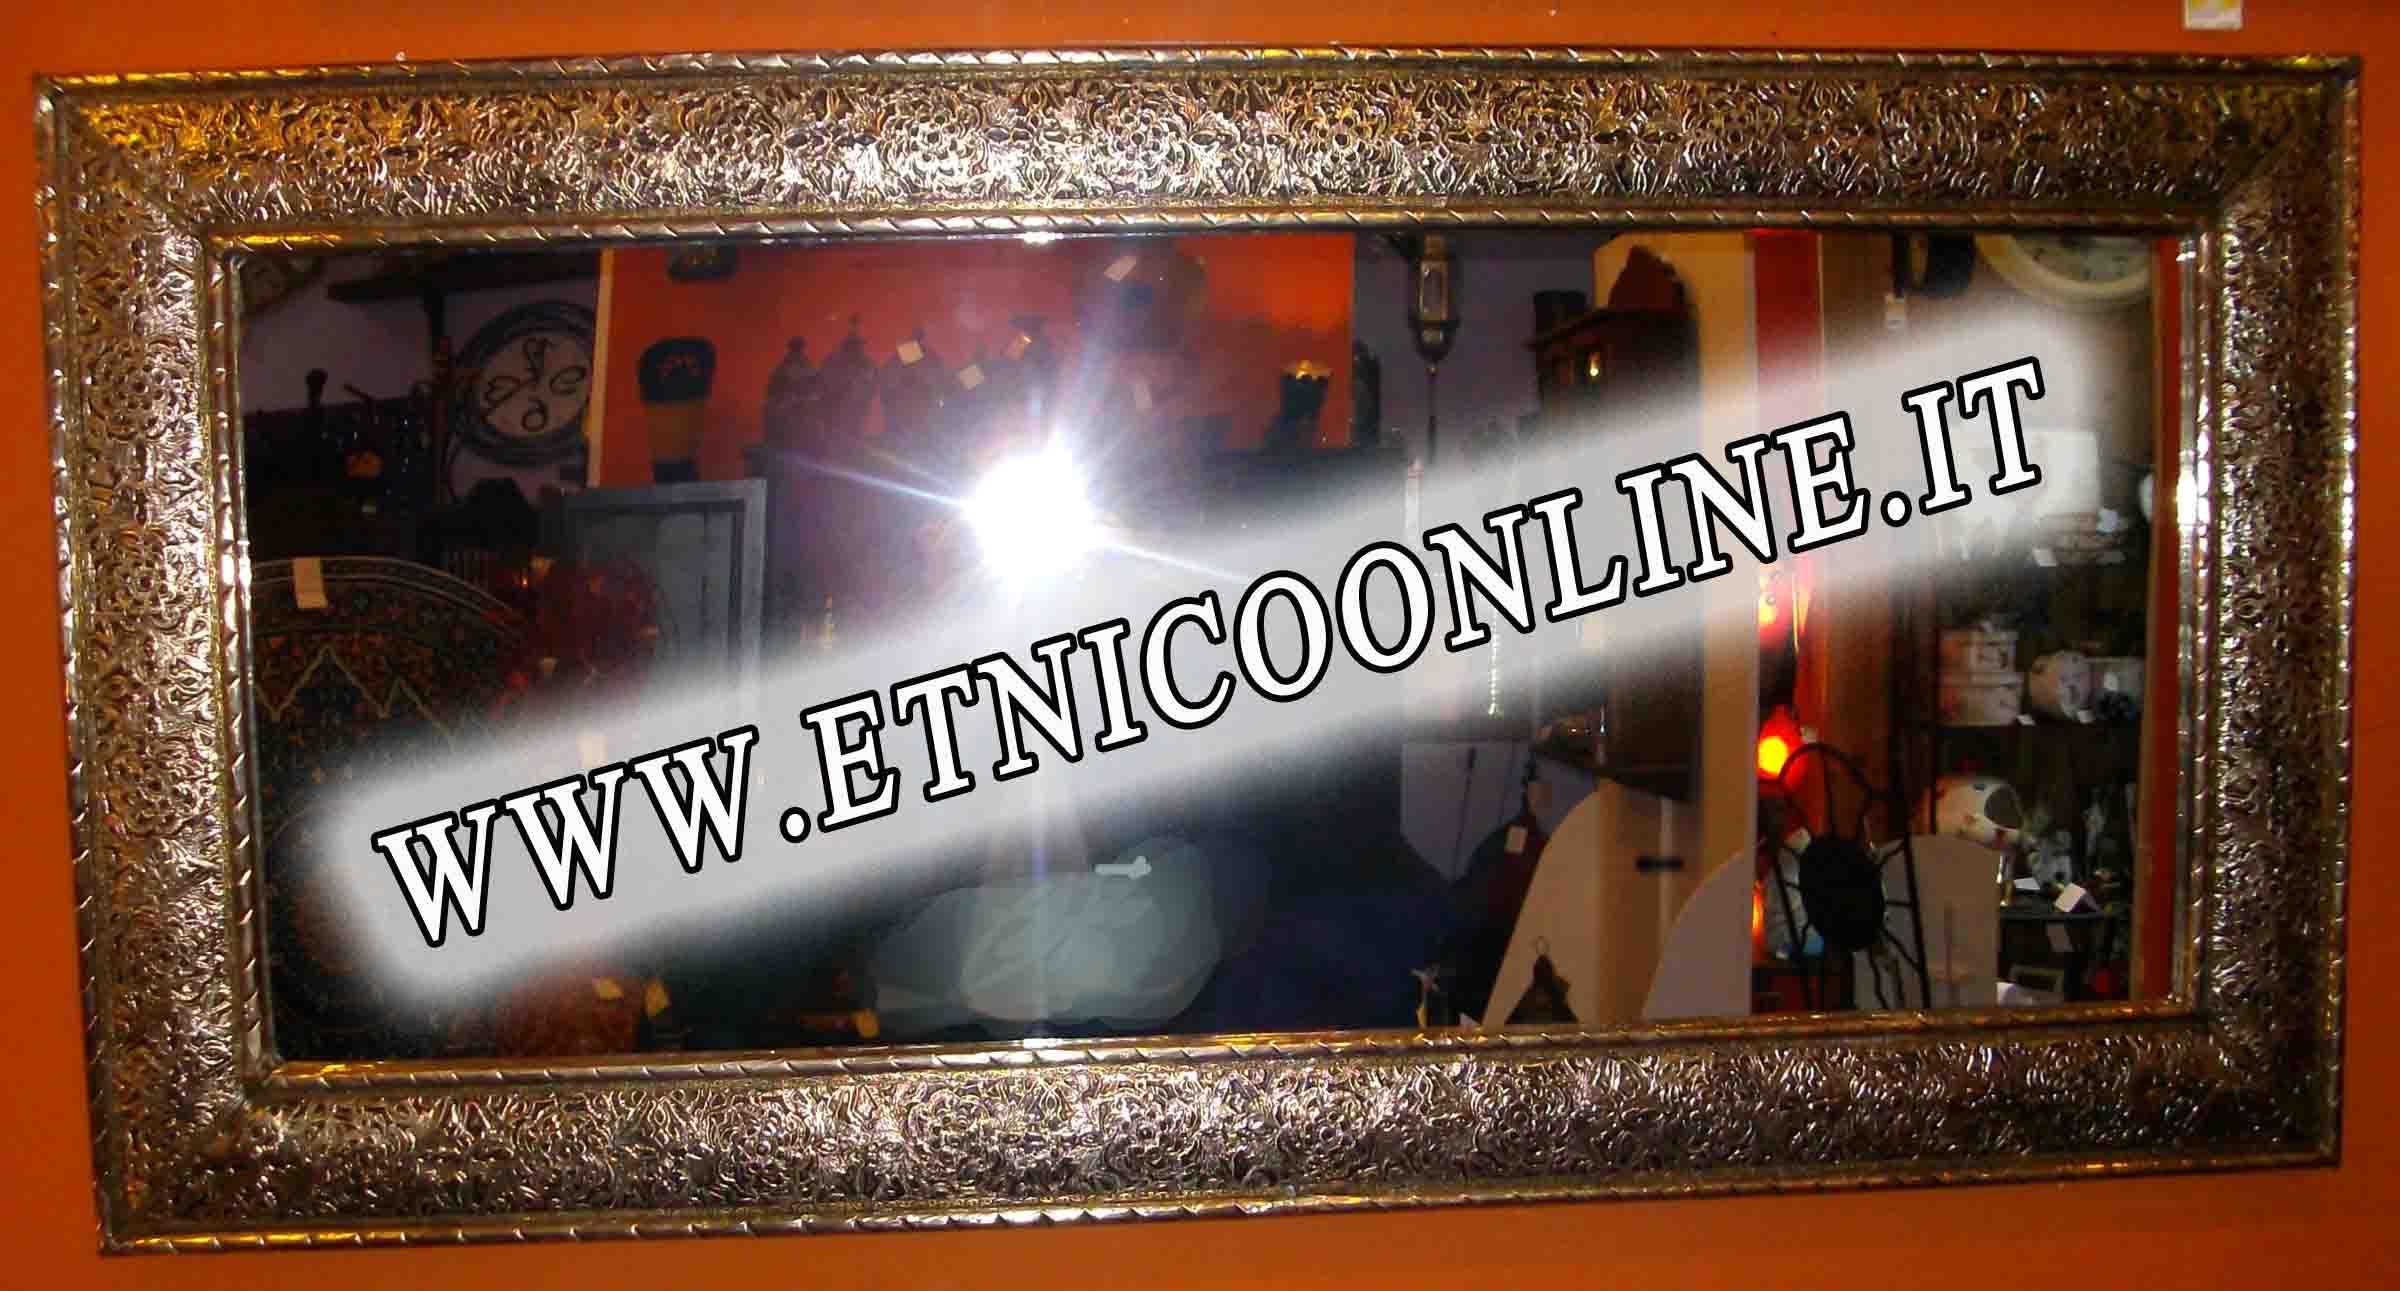 Specchi di articoli e prodotti etnici, marocchini e orientali